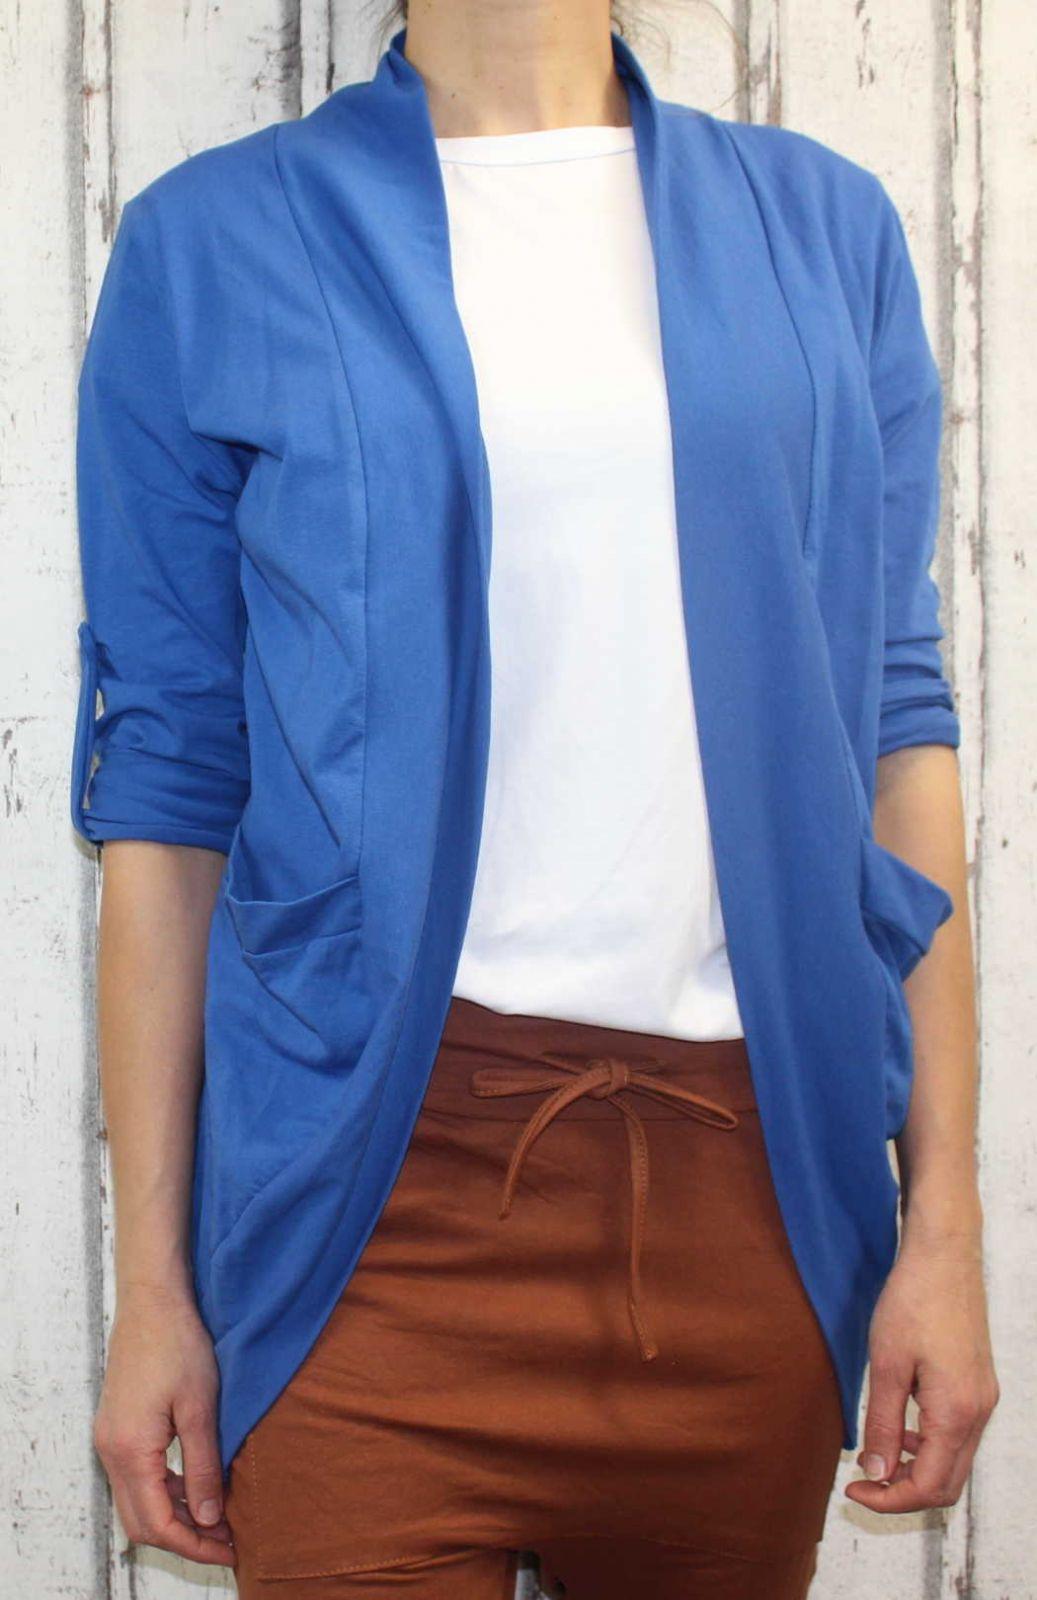 Dámské sako, dámský kardigan, letní kardigan, letní přehoz, dámské bavlněné sako, lehký kardigan, modrý kardigan Italy Moda